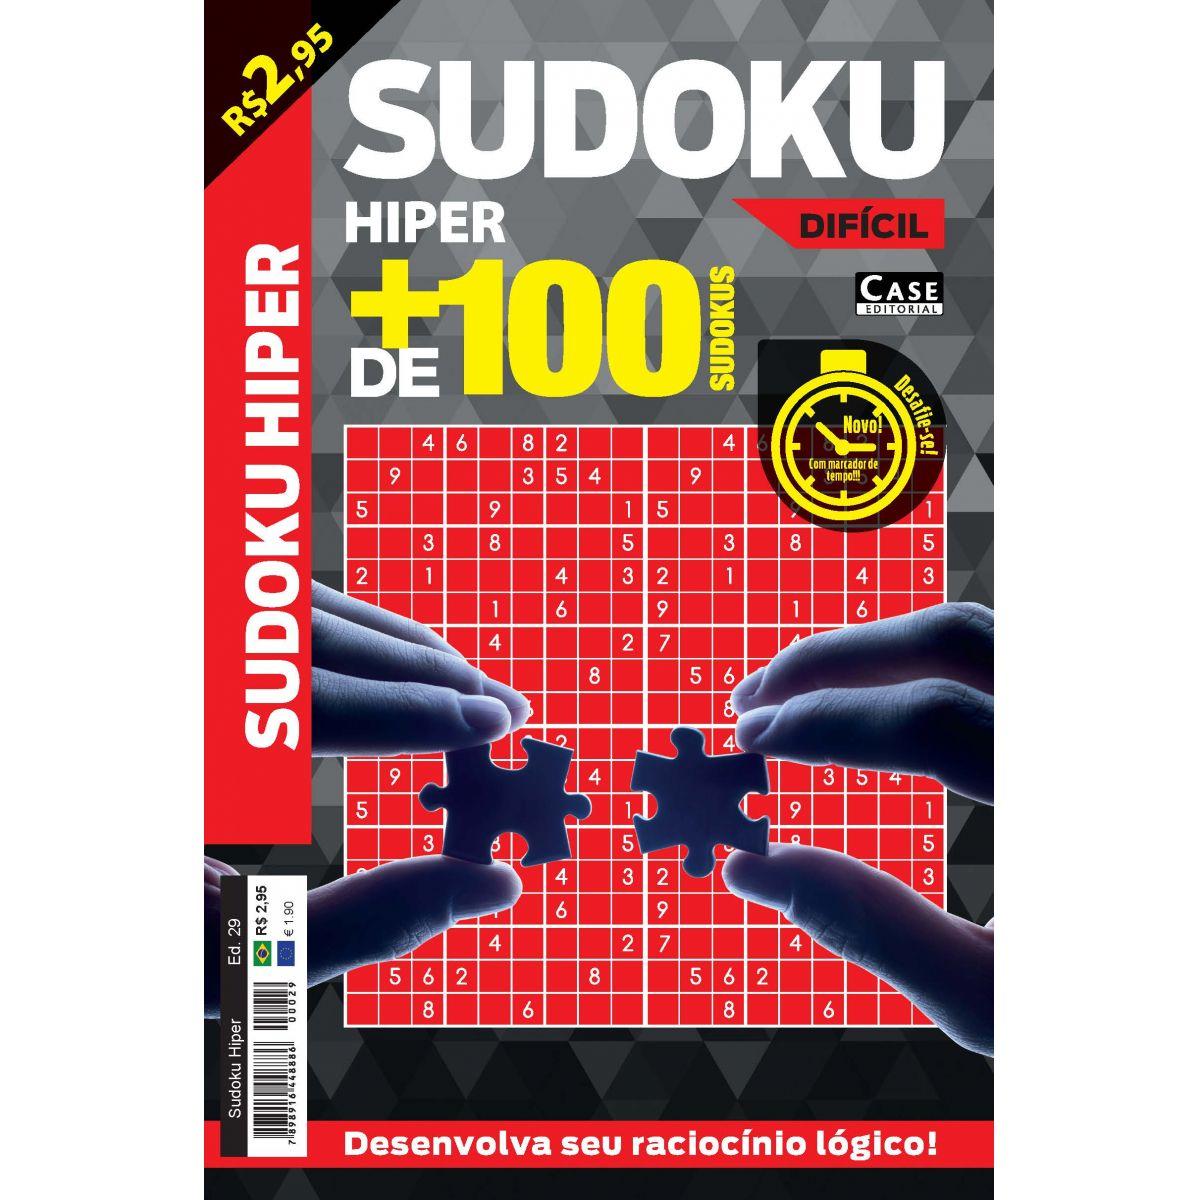 Sudoku Hiper - Edição 29  - EdiCase Publicações